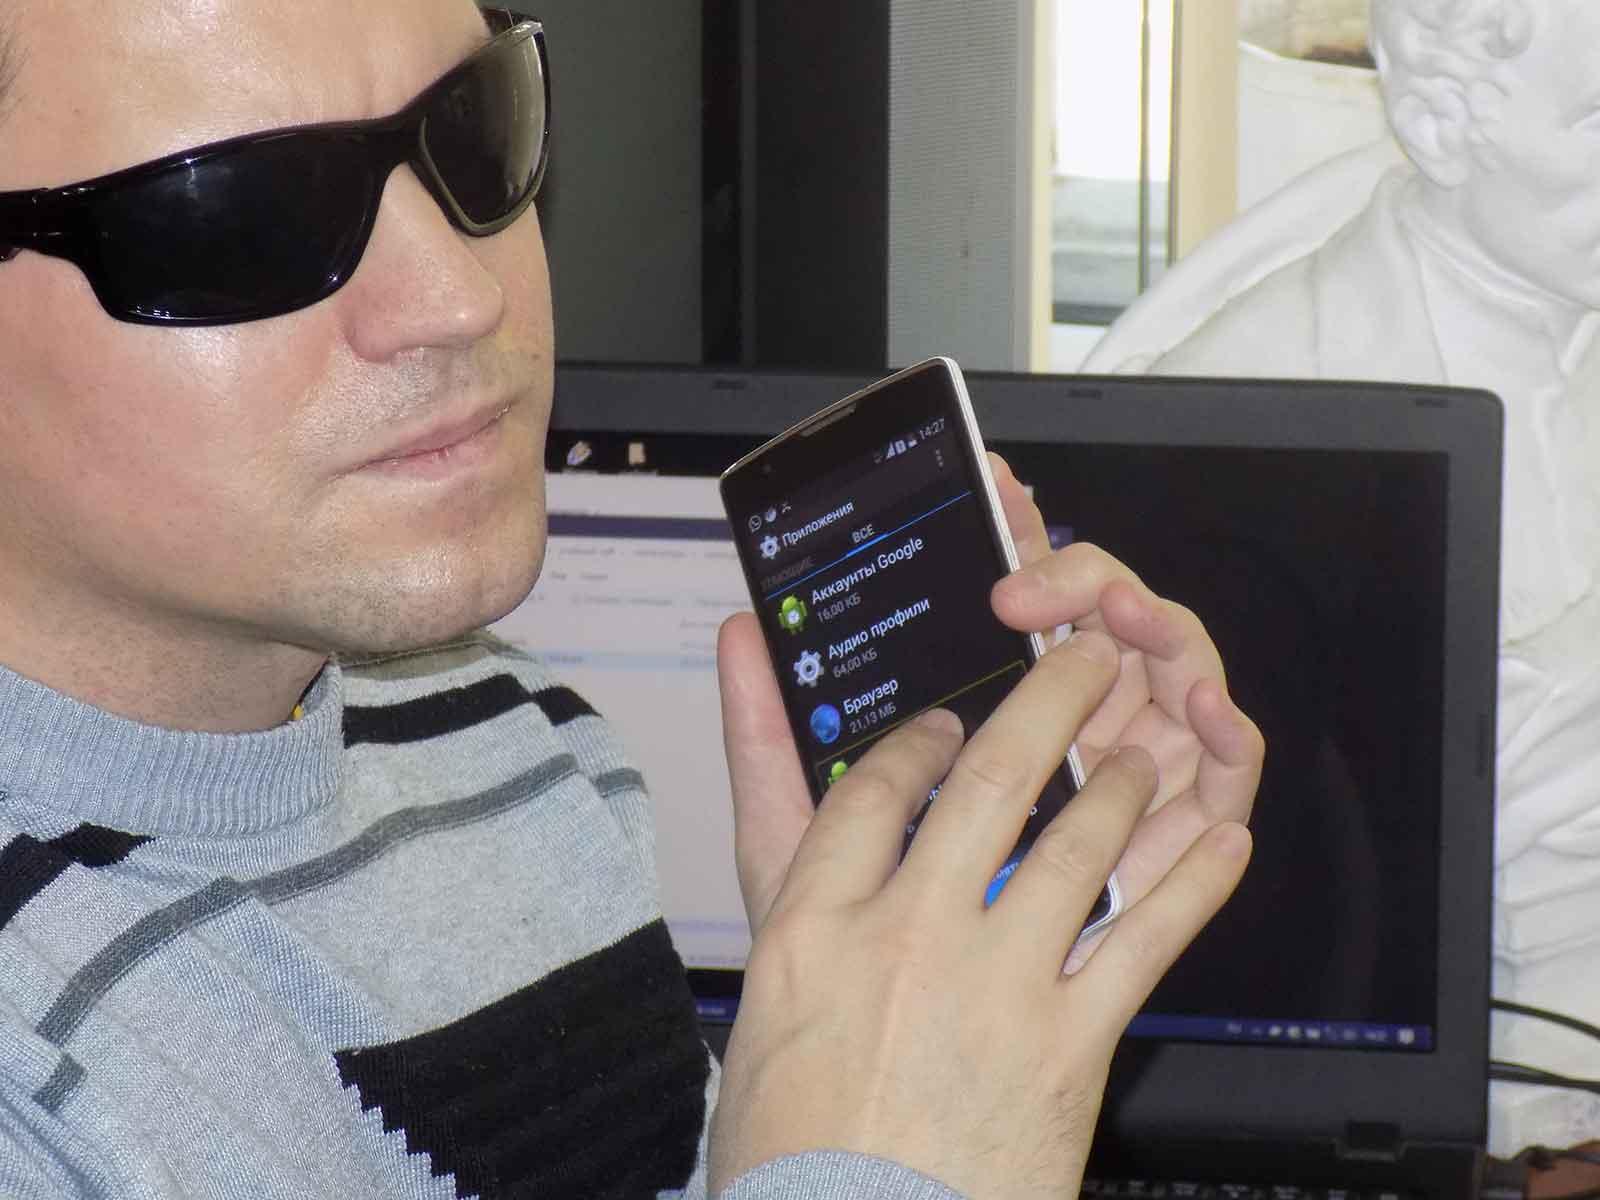 nezryachie pol zovateli raskroyut nezrimye vozmozhnosti sensornyh smartfonov